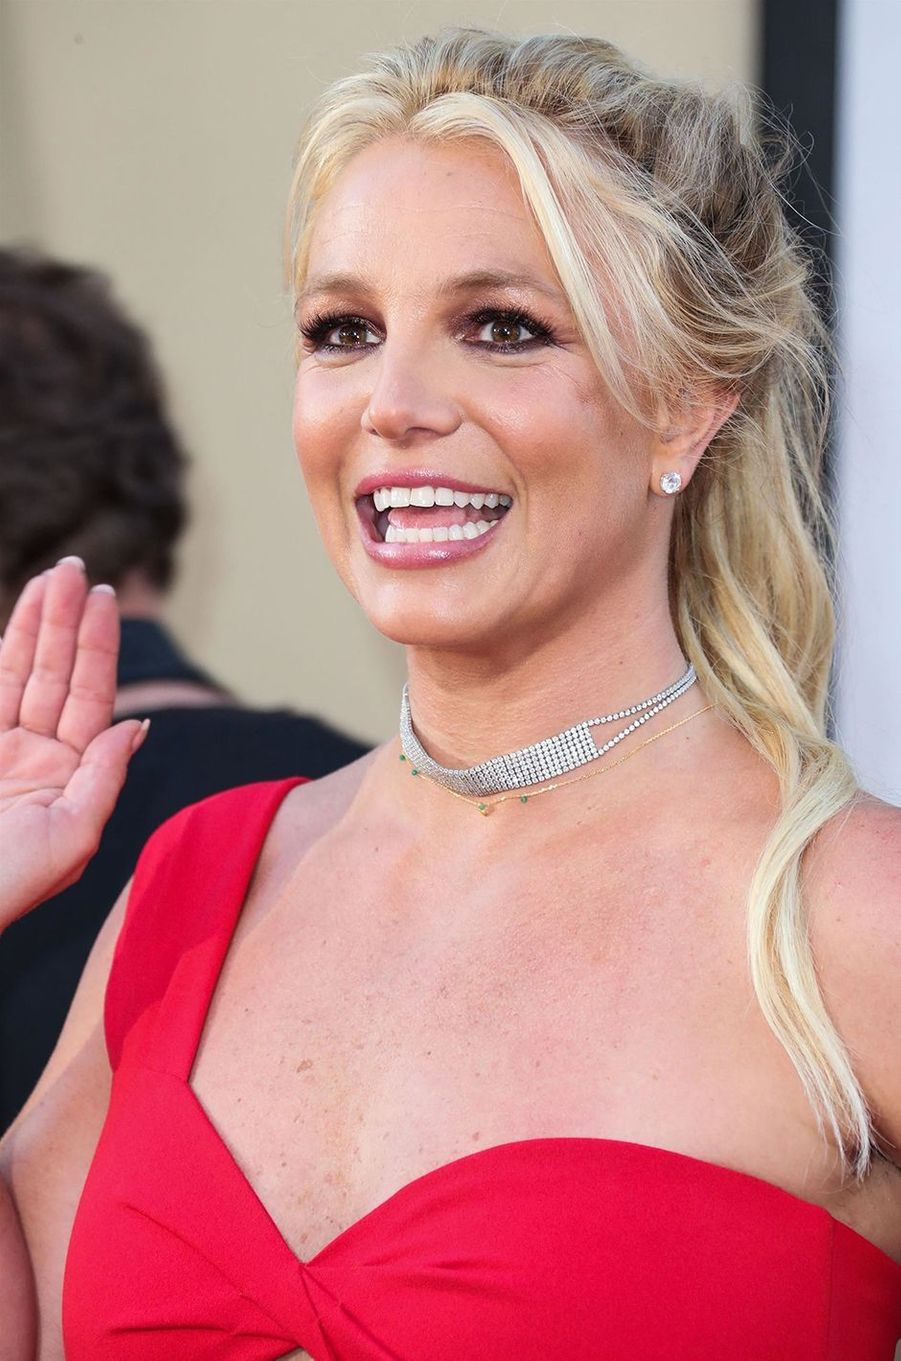 Après des années passées sous la tutelle de son père, Britney Spears a annoncé en août 2020 qu'elle voulait y mettre un terme. Un tournant important pour la chanteuse, qui n'avait jusqu'à présent jamais osé aller à l'encontre de James Spears. Elle a par la suite déposé plusieurs demandes auprès de la justice pour faire avancer sa requête, expliquant qu'elle ne remonterait pas sur scène tant que son père serait gestionnaire.